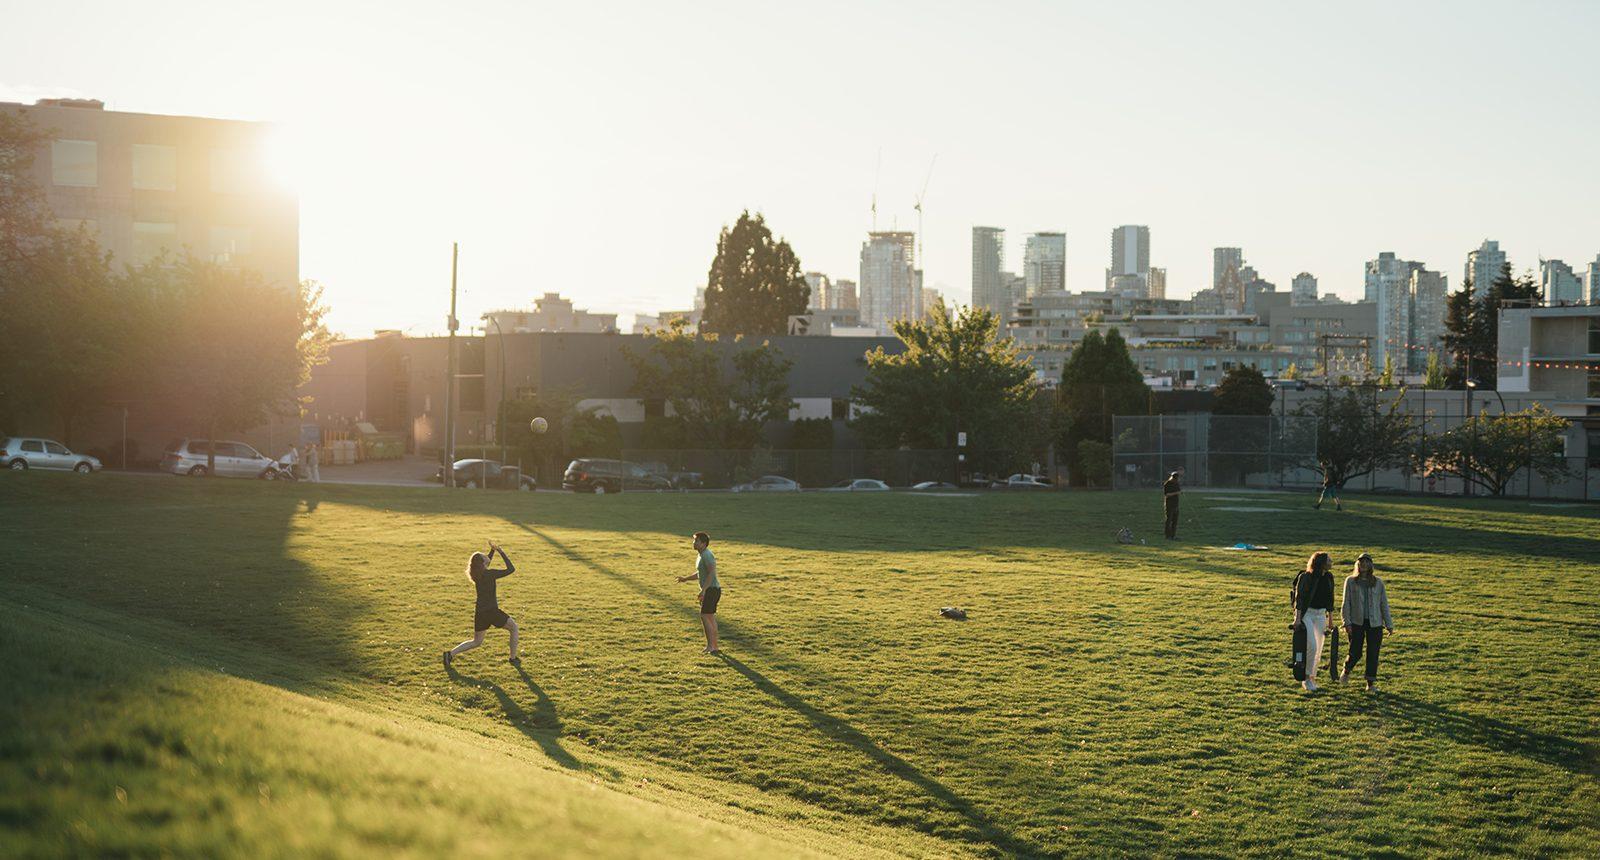 mount pleasant west park at sunset